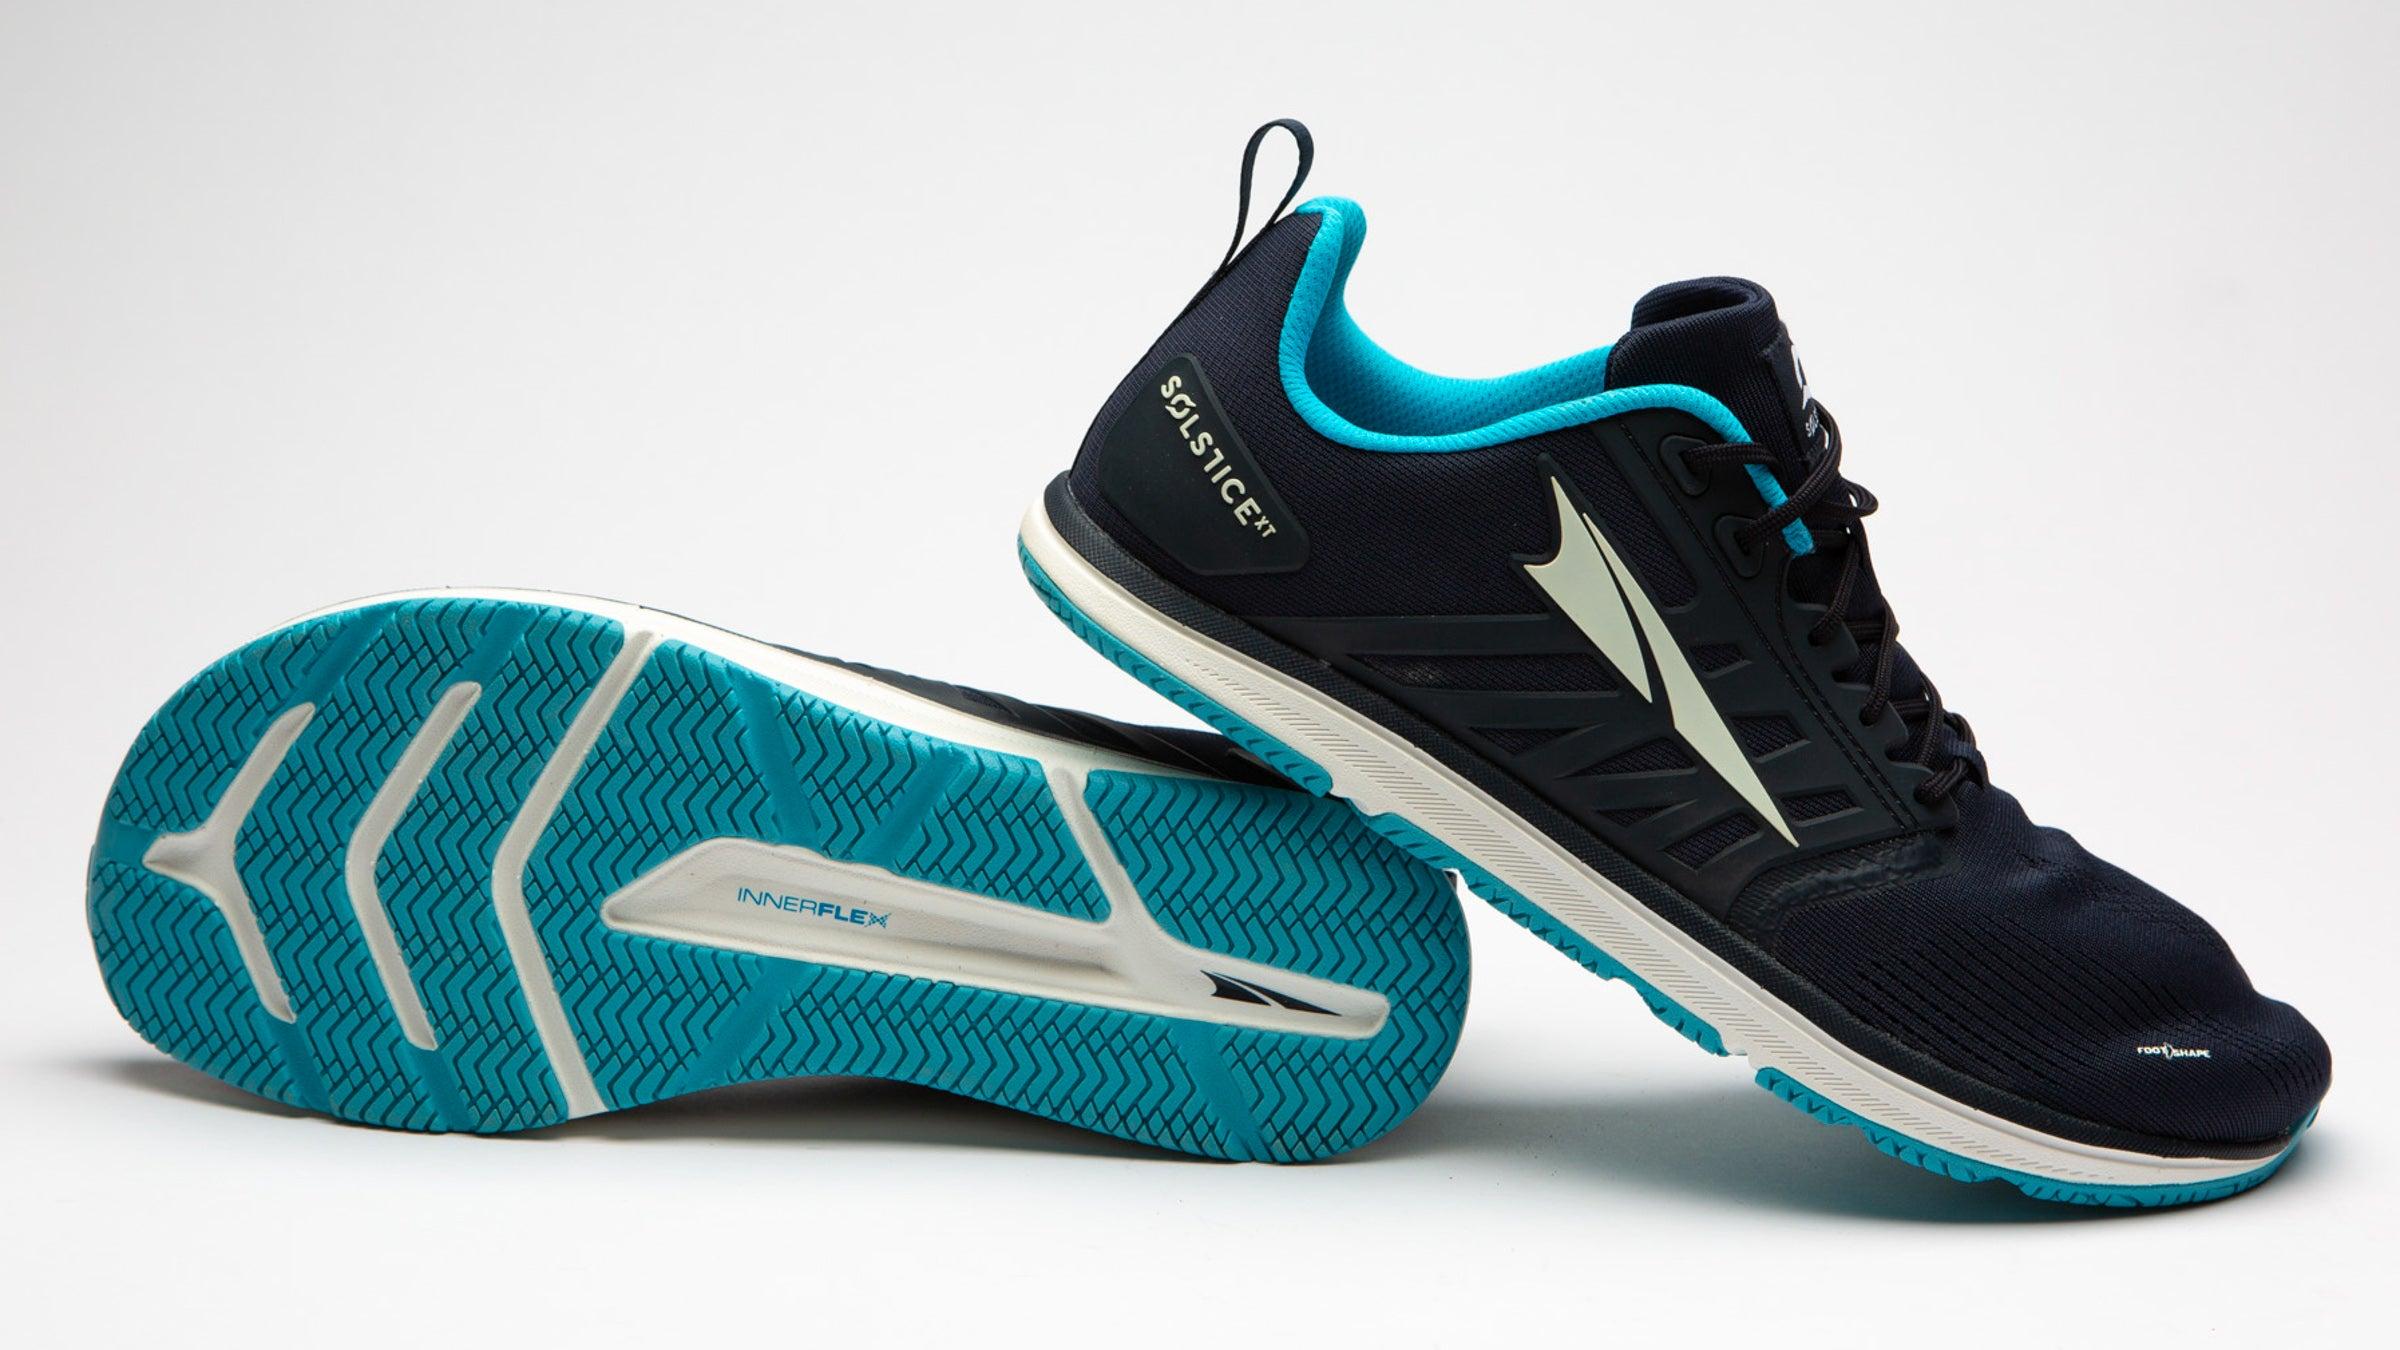 Altra Solstice XT, lightweight running shoes